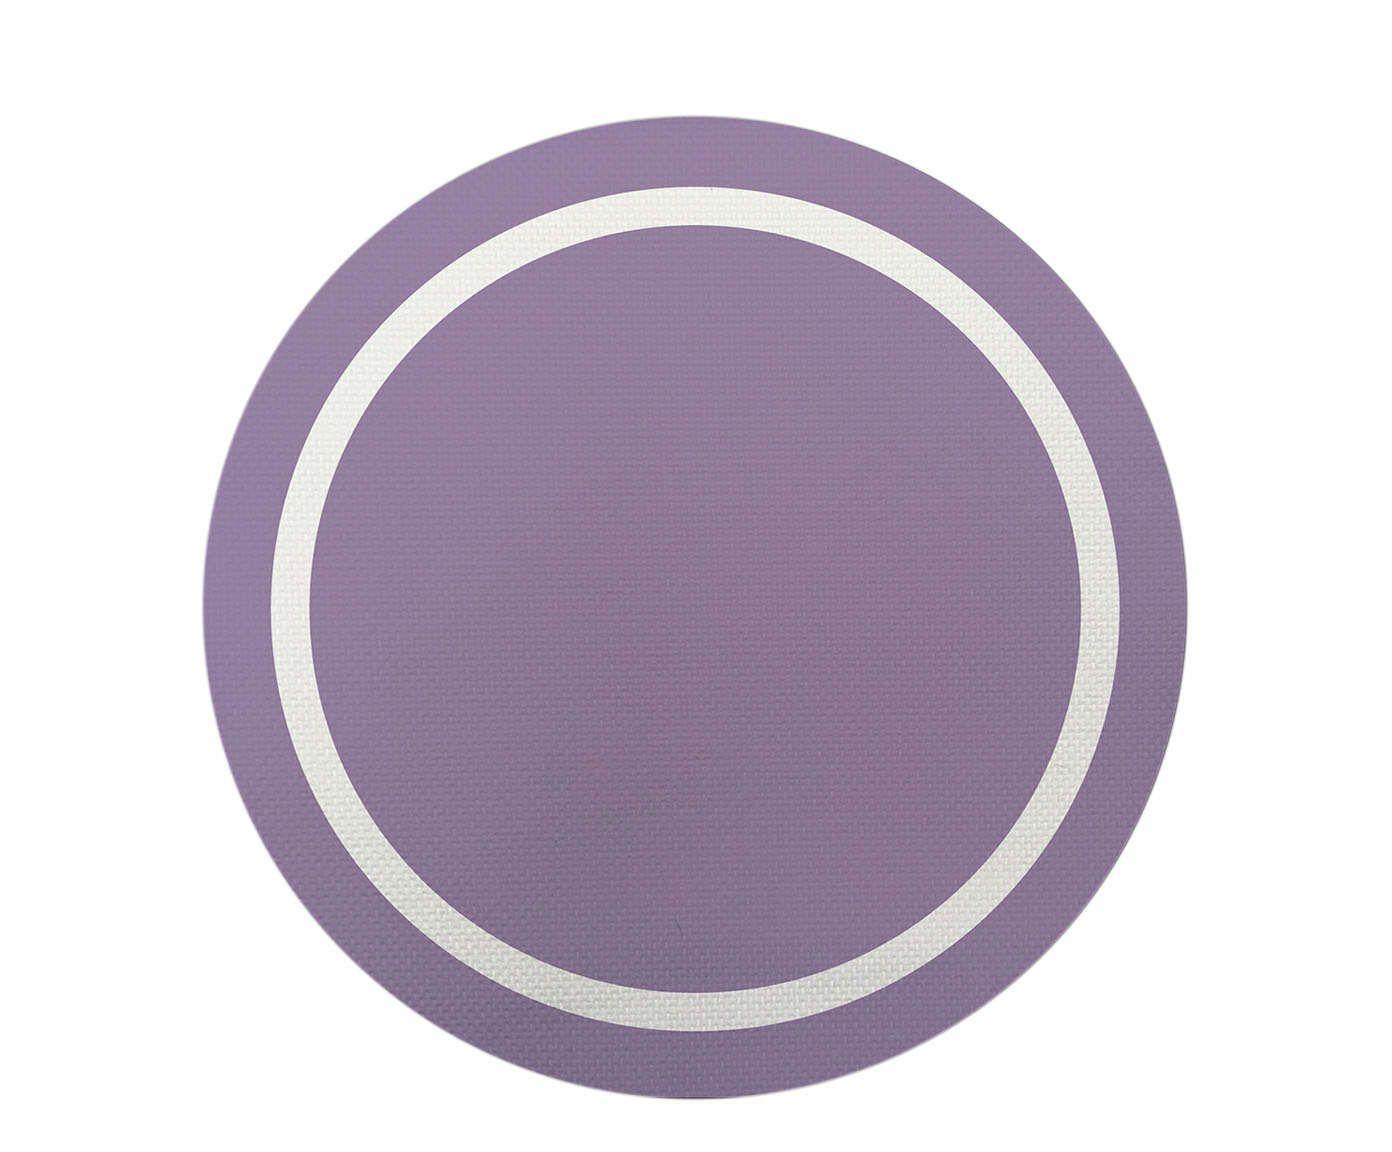 Sousplat Basic Lilás - 36cm | Westwing.com.br